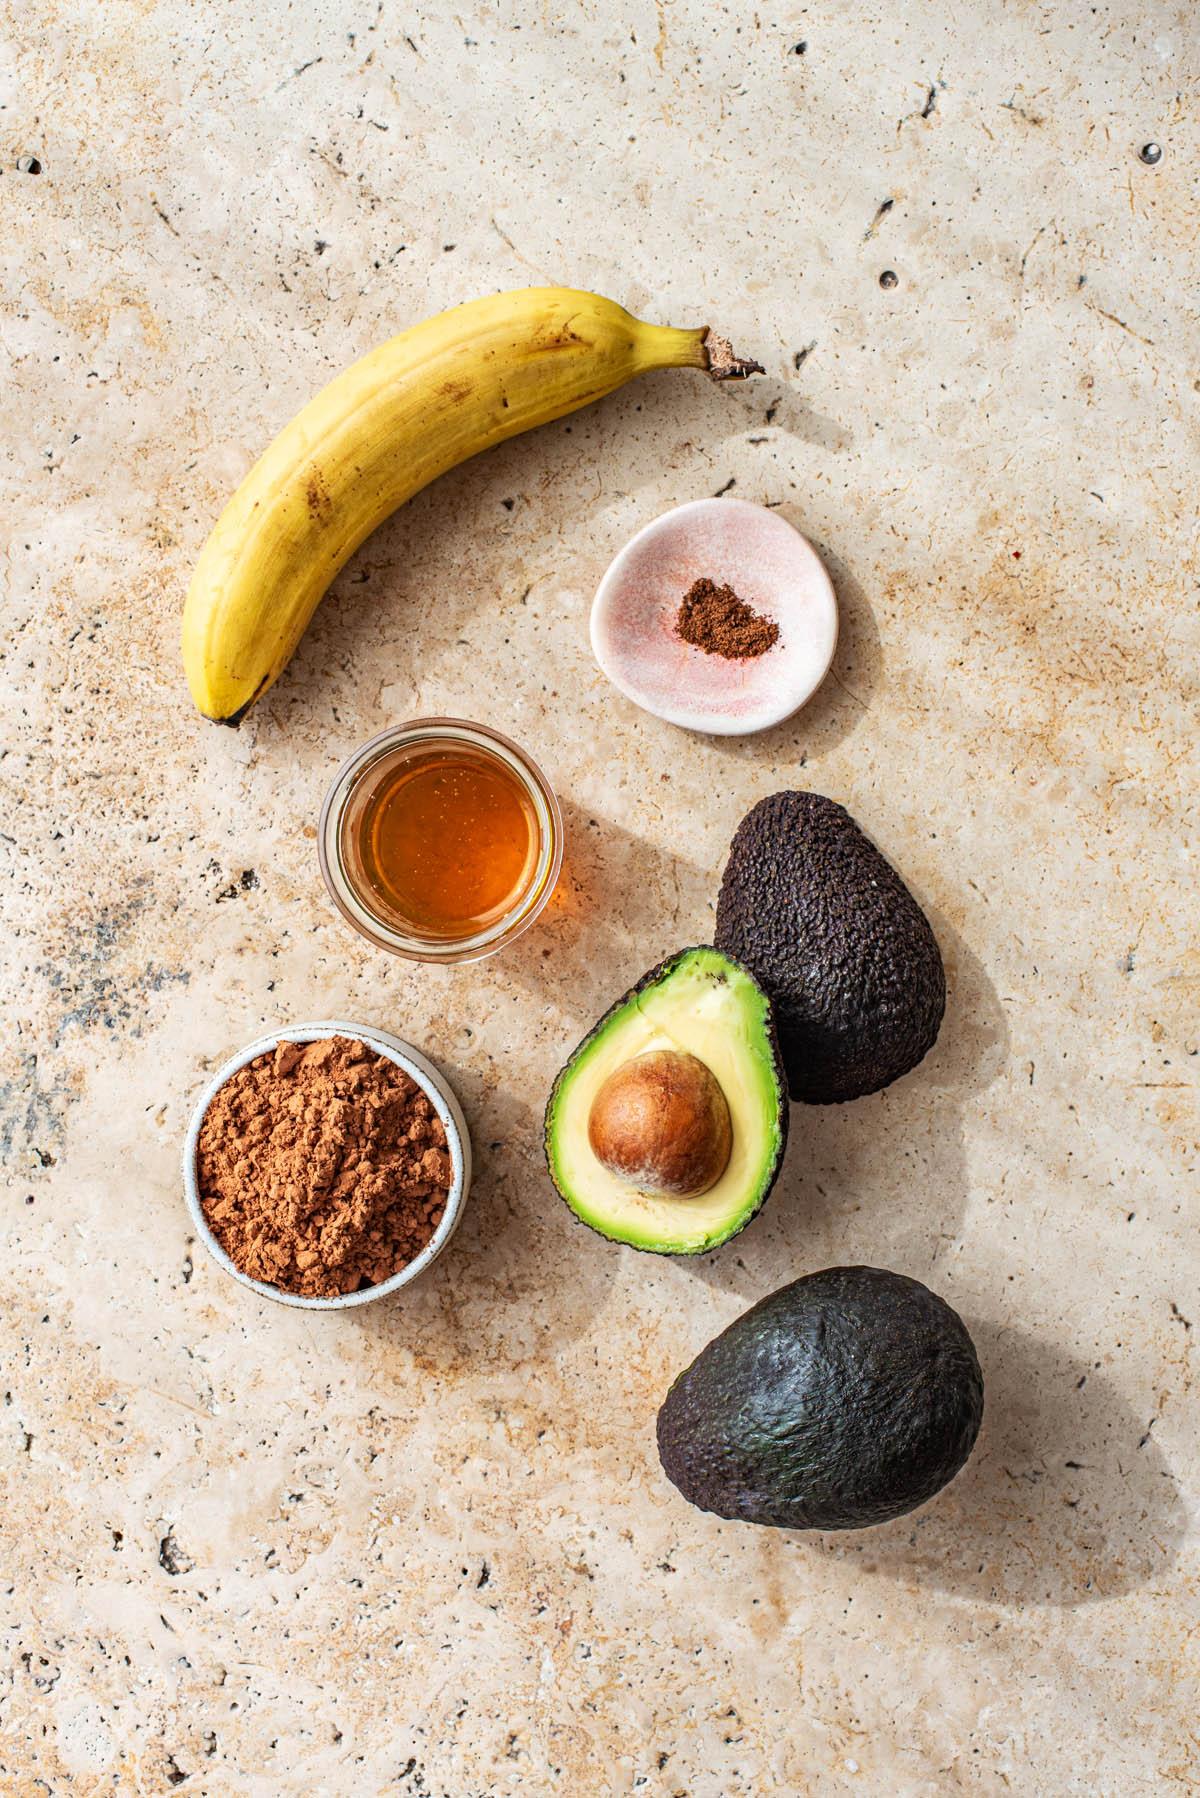 Chocolate Avocado Fudgesicles Ingredients.